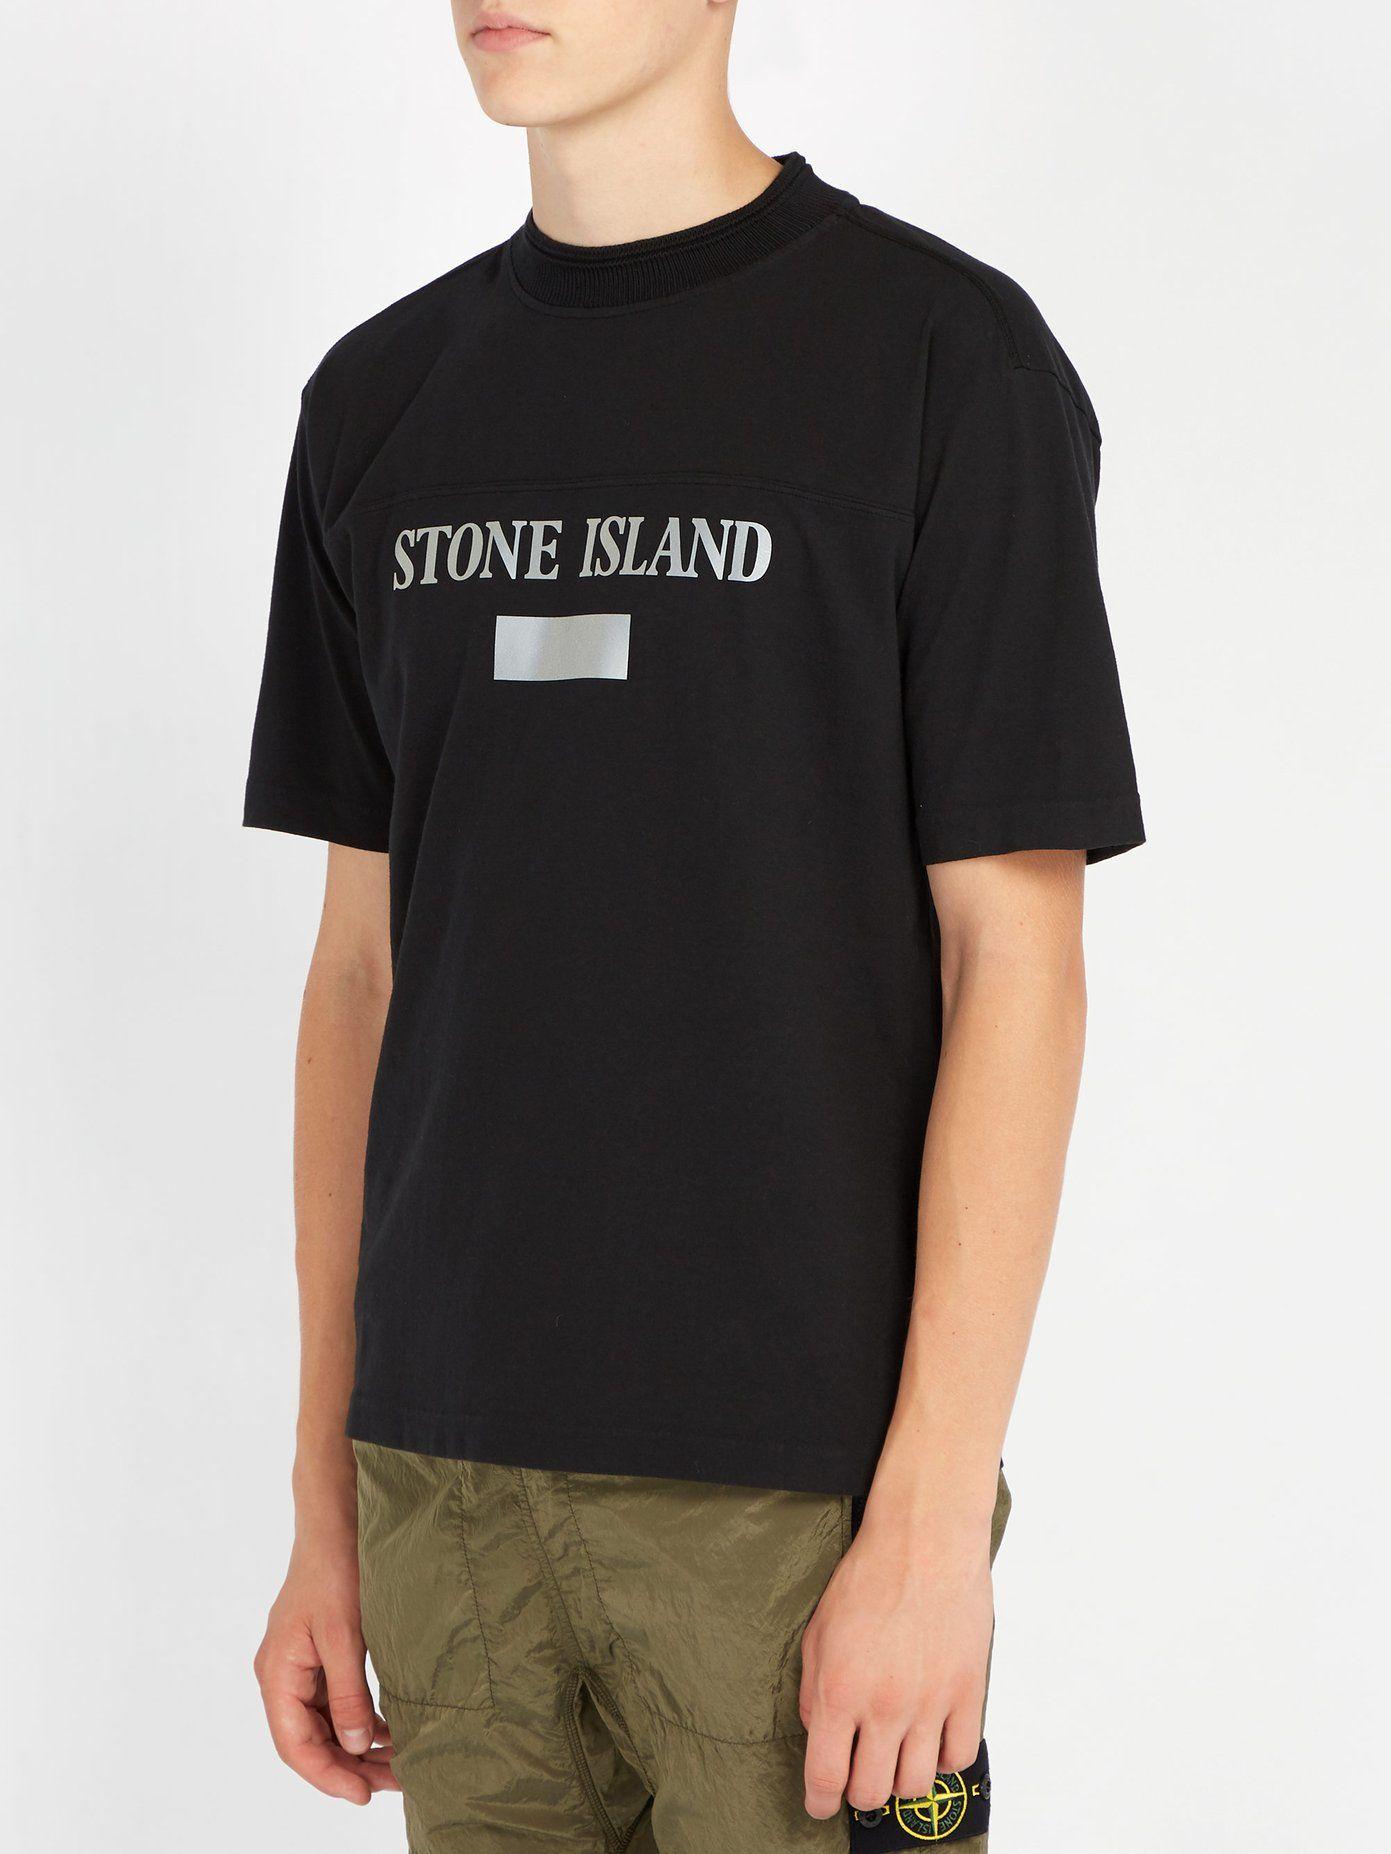 Reflective Panel Cotton Jersey T Shirt Stone Island Matchesfashion Com Uk Stone Island T Shirt Shirts